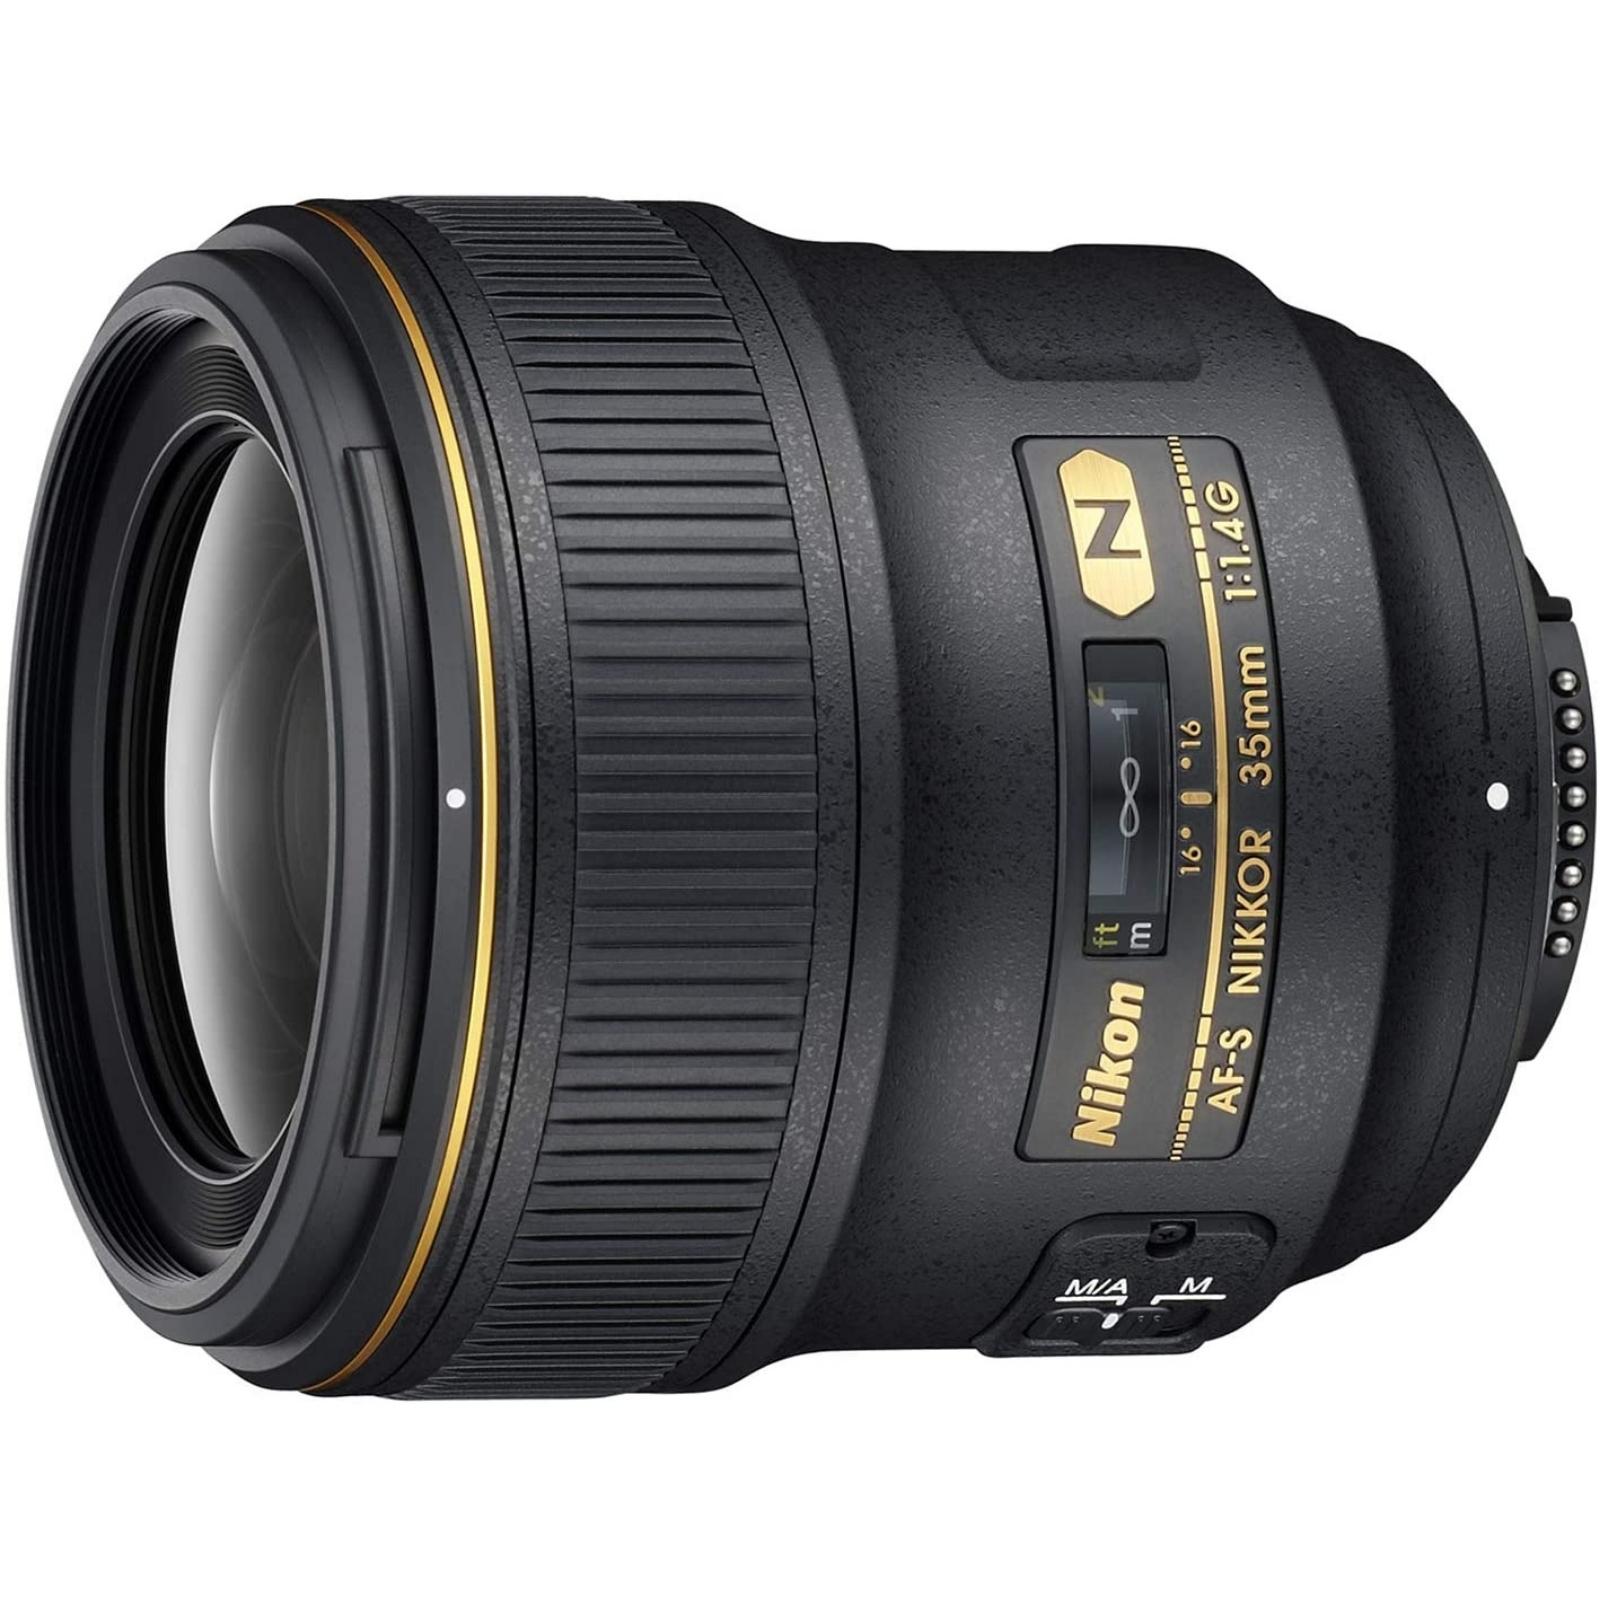 Nikon ニコン 単焦点レンズ AF-S NIKKOR 35mm f/1.4G ブラック 新品(並行輸入品、保証付き)